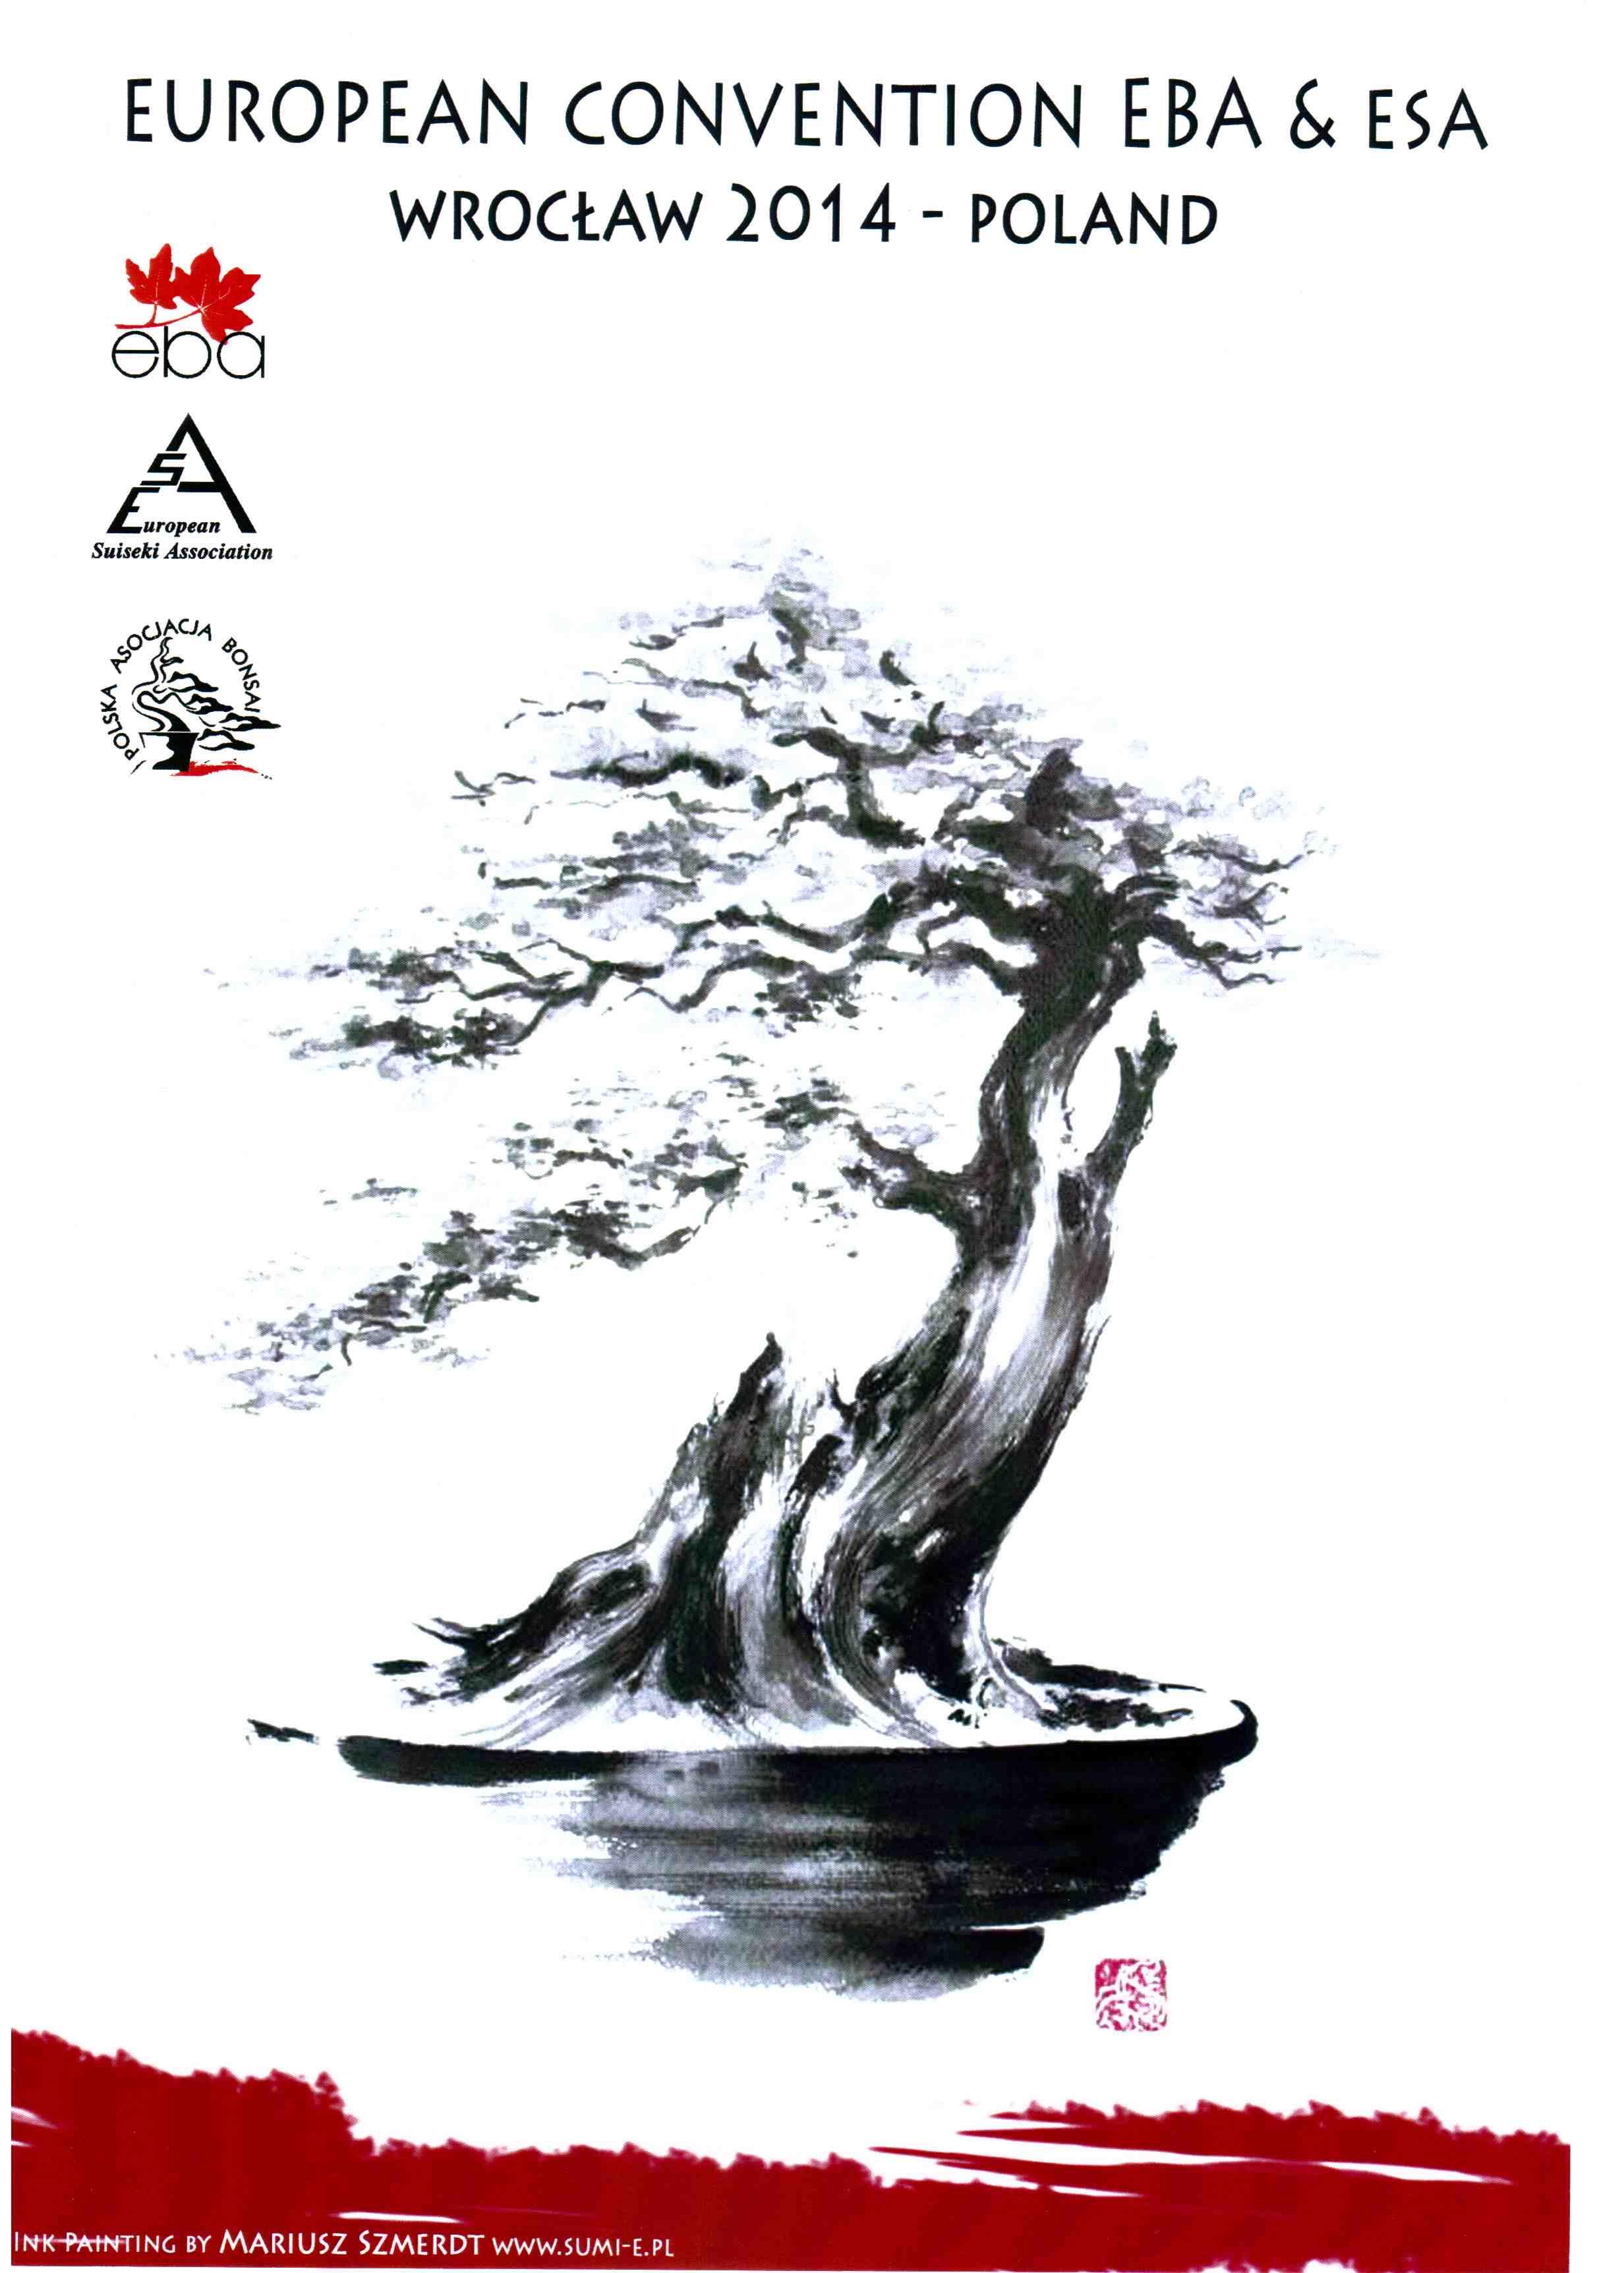 http://www.ebabonsai.com/Conventions/2014/Poster.jpg